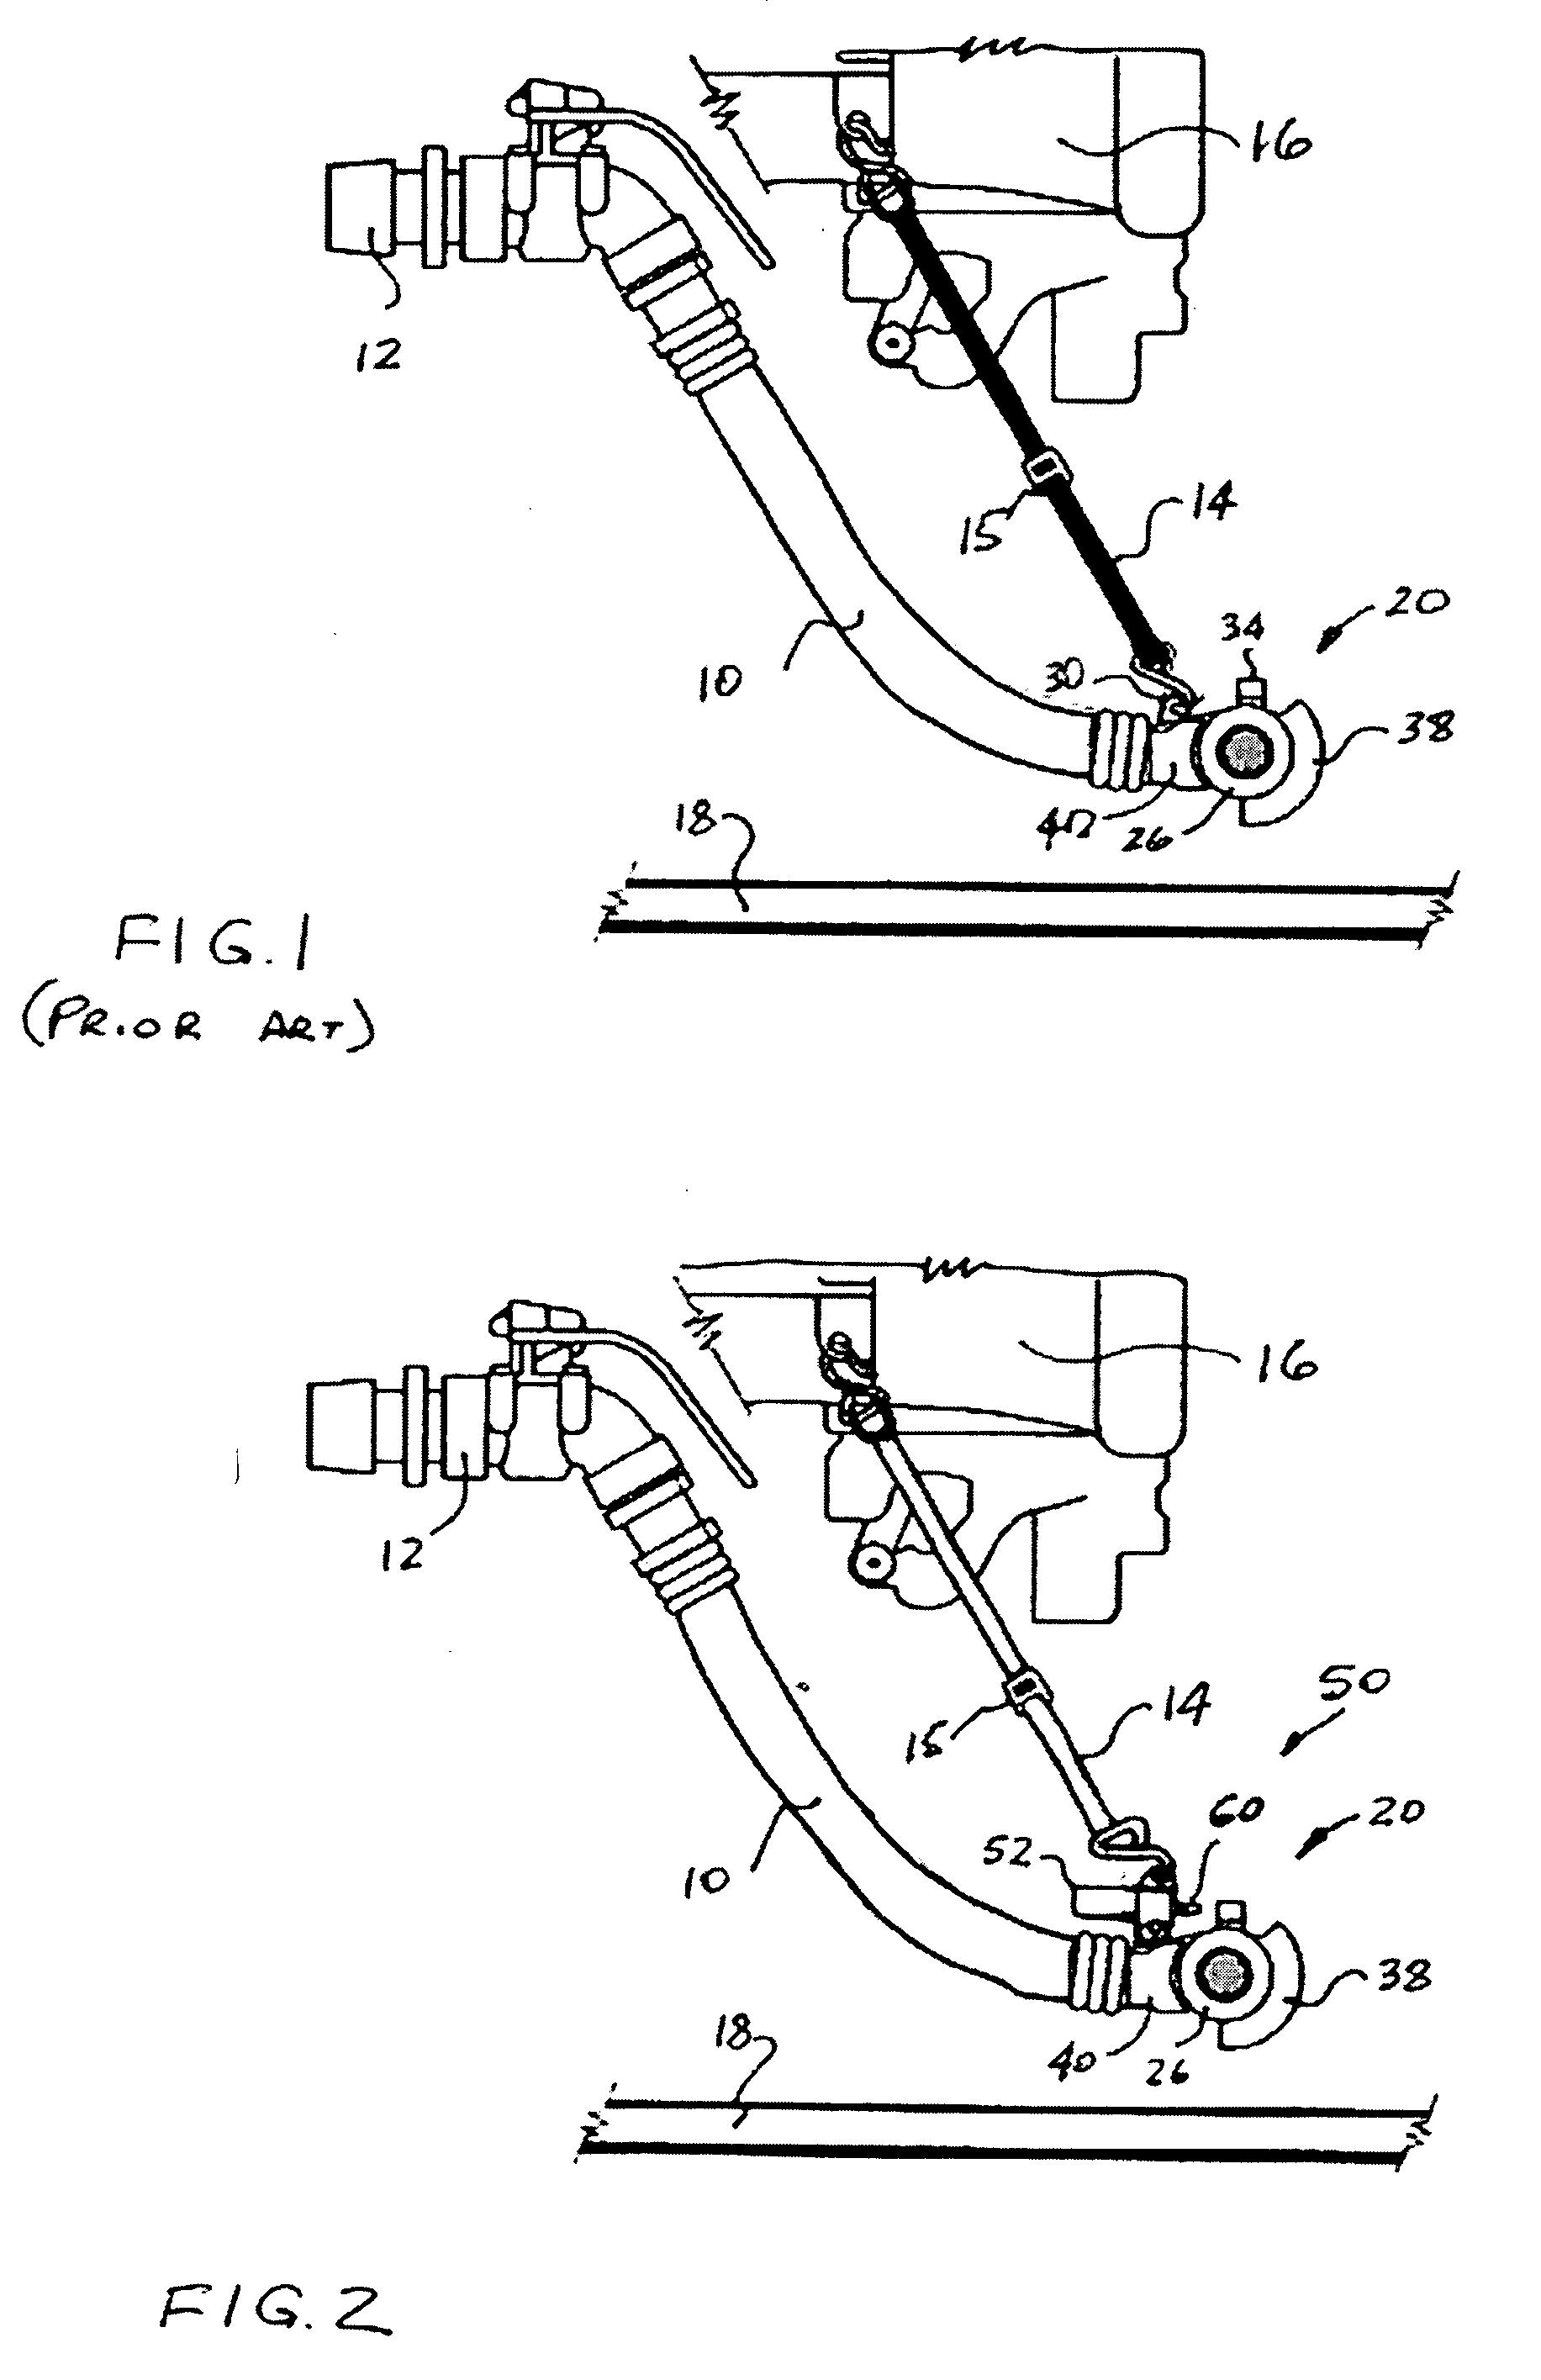 Air Hose Coupling Types   Wiring Diagram Database